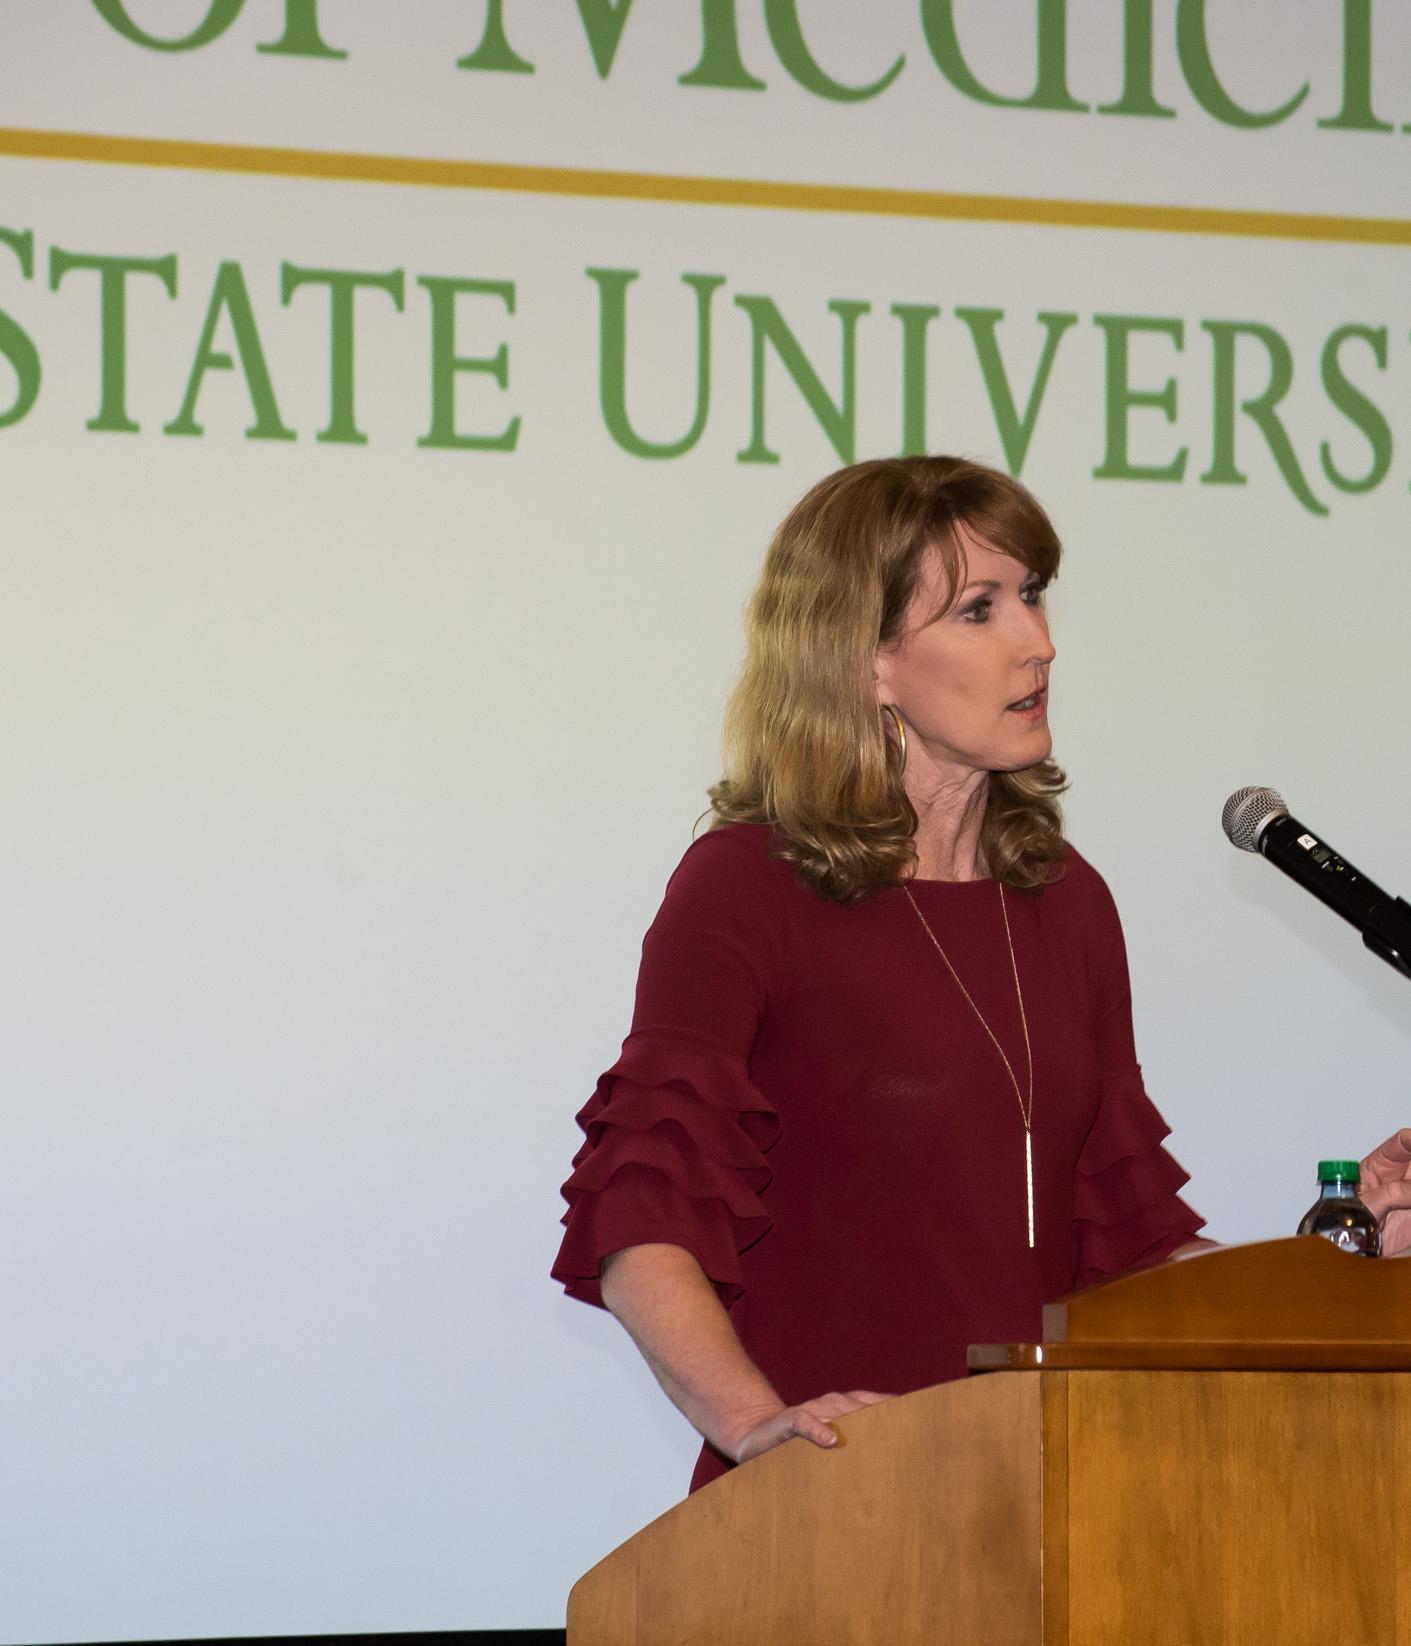 Debbie Antonelli, 2018 speaker